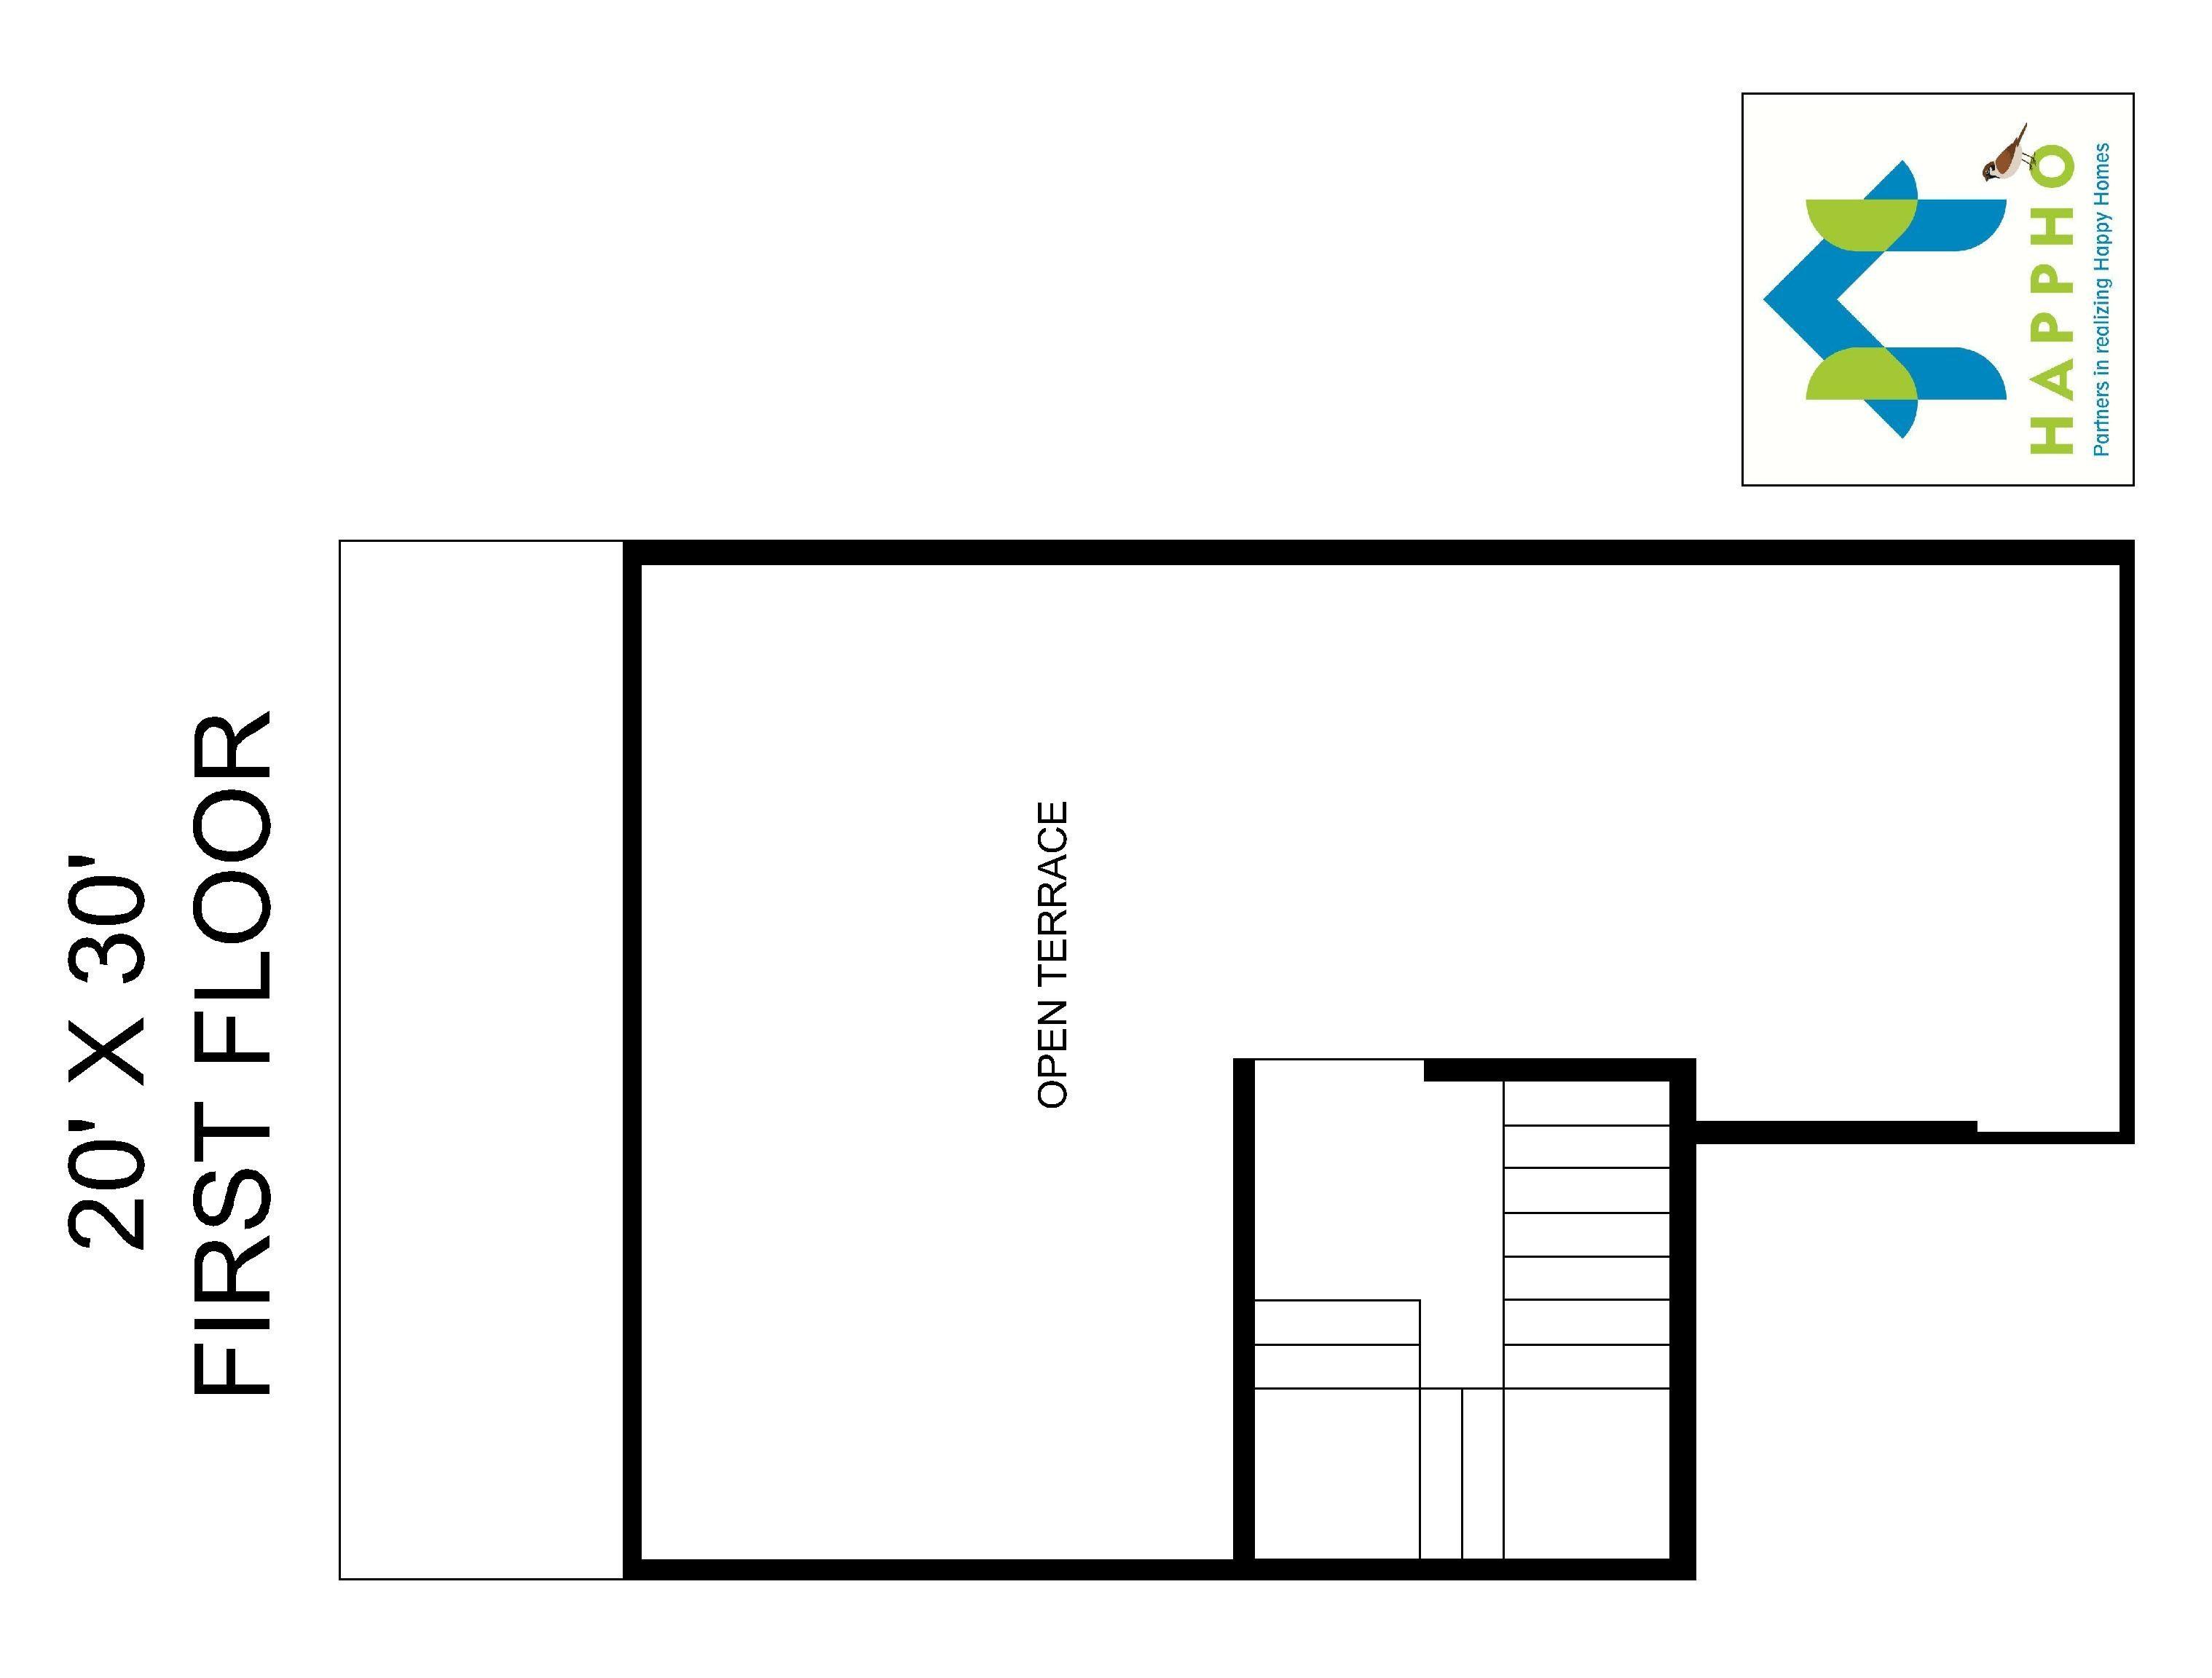 Marvelous 1Bhk Floor Plan, 600 Square Feet, 67 Yards, Bungalow Floor Plan